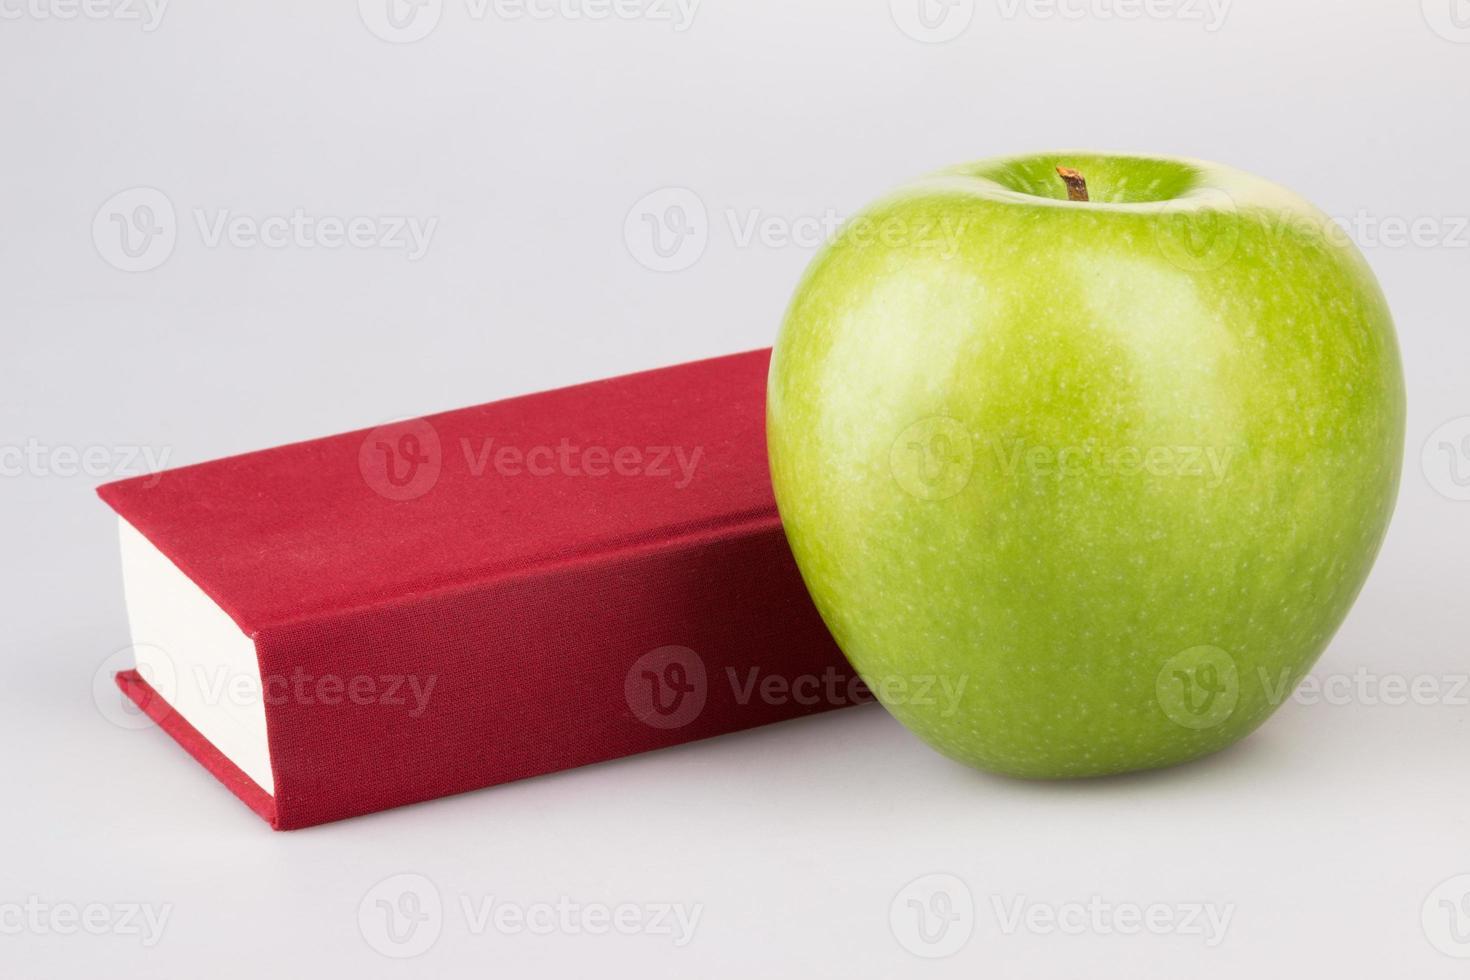 groene appel met rood boek op witte achtergrond foto